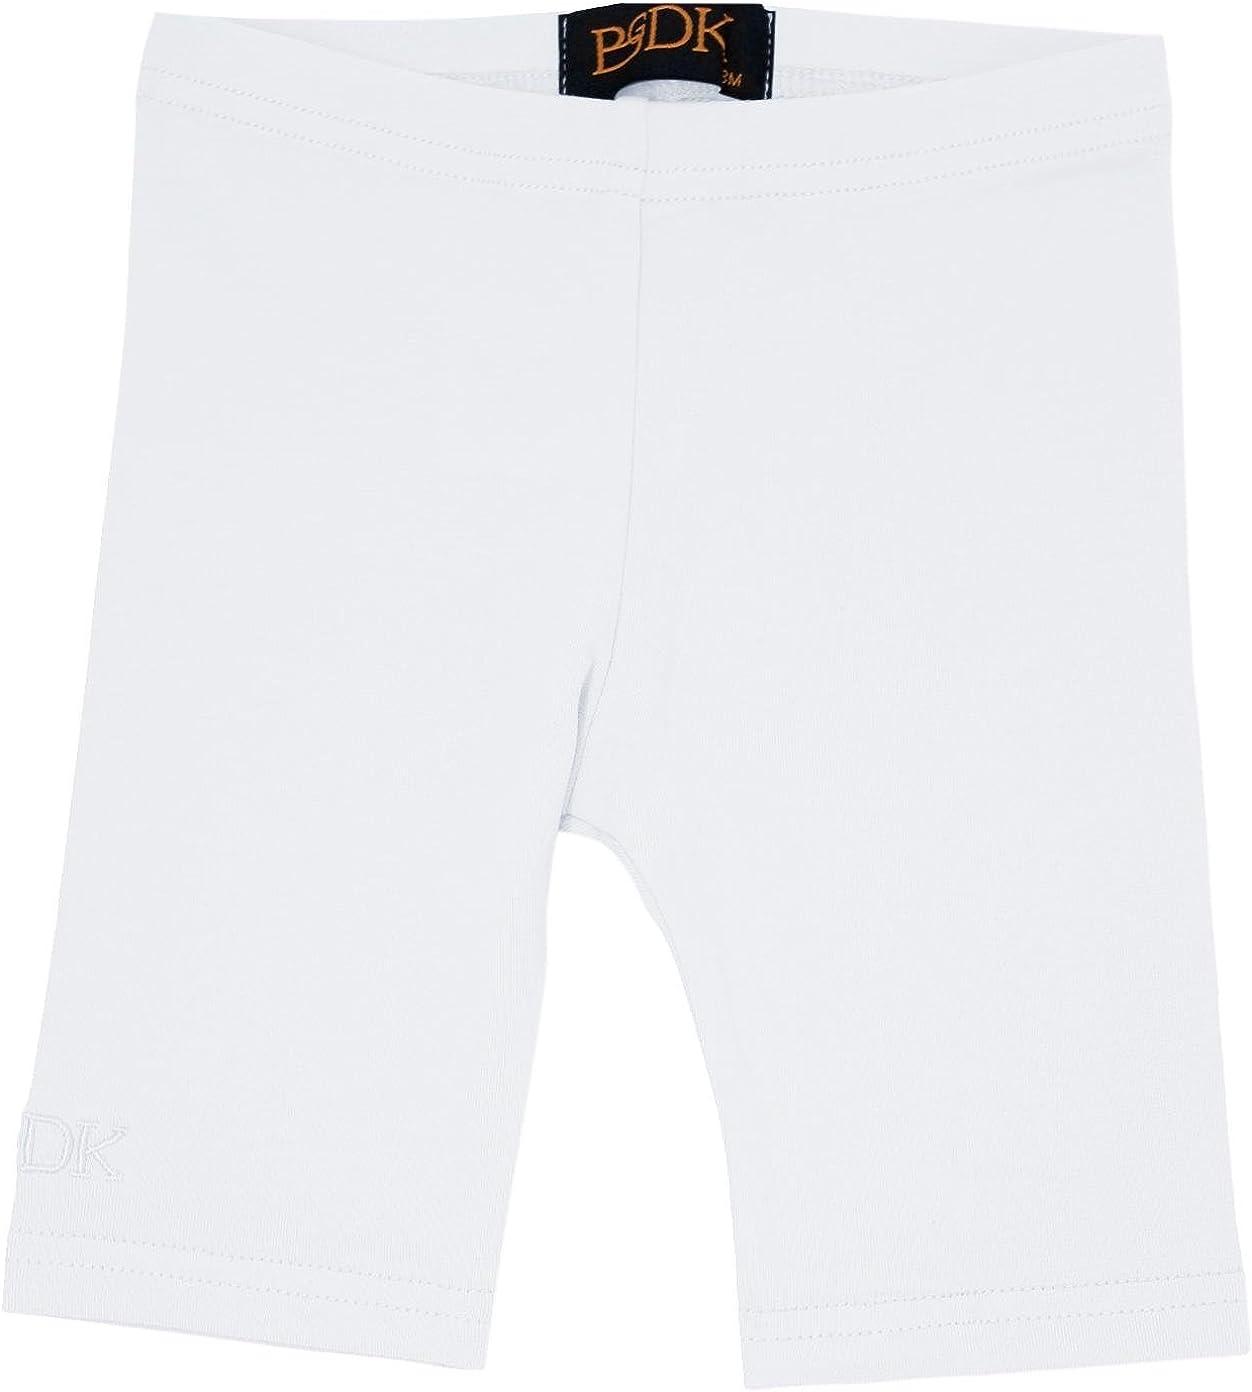 BGDK Unisex Boys Girls Toddler Cotton Short Leggings 24 Months White